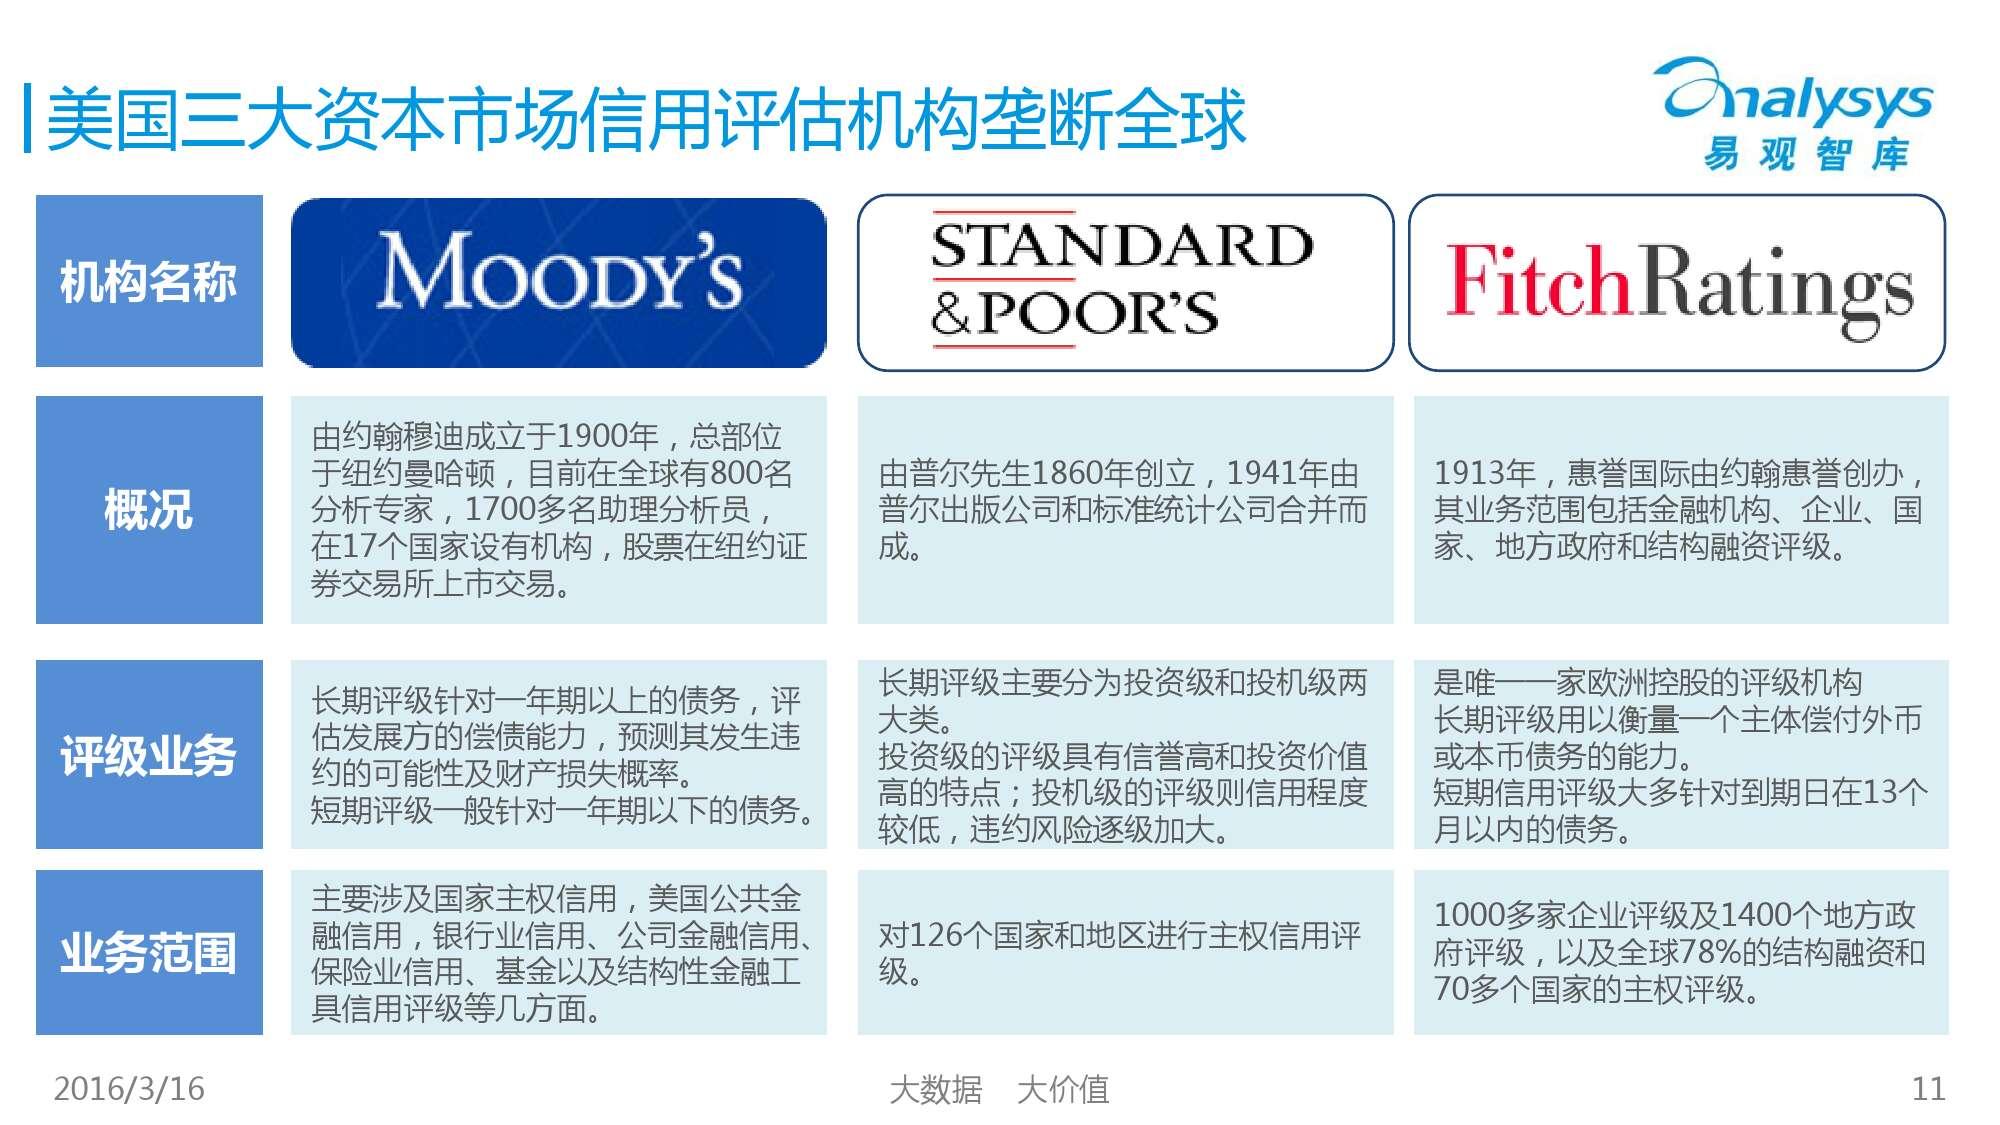 中国征信行业专题研究报告2016_000011